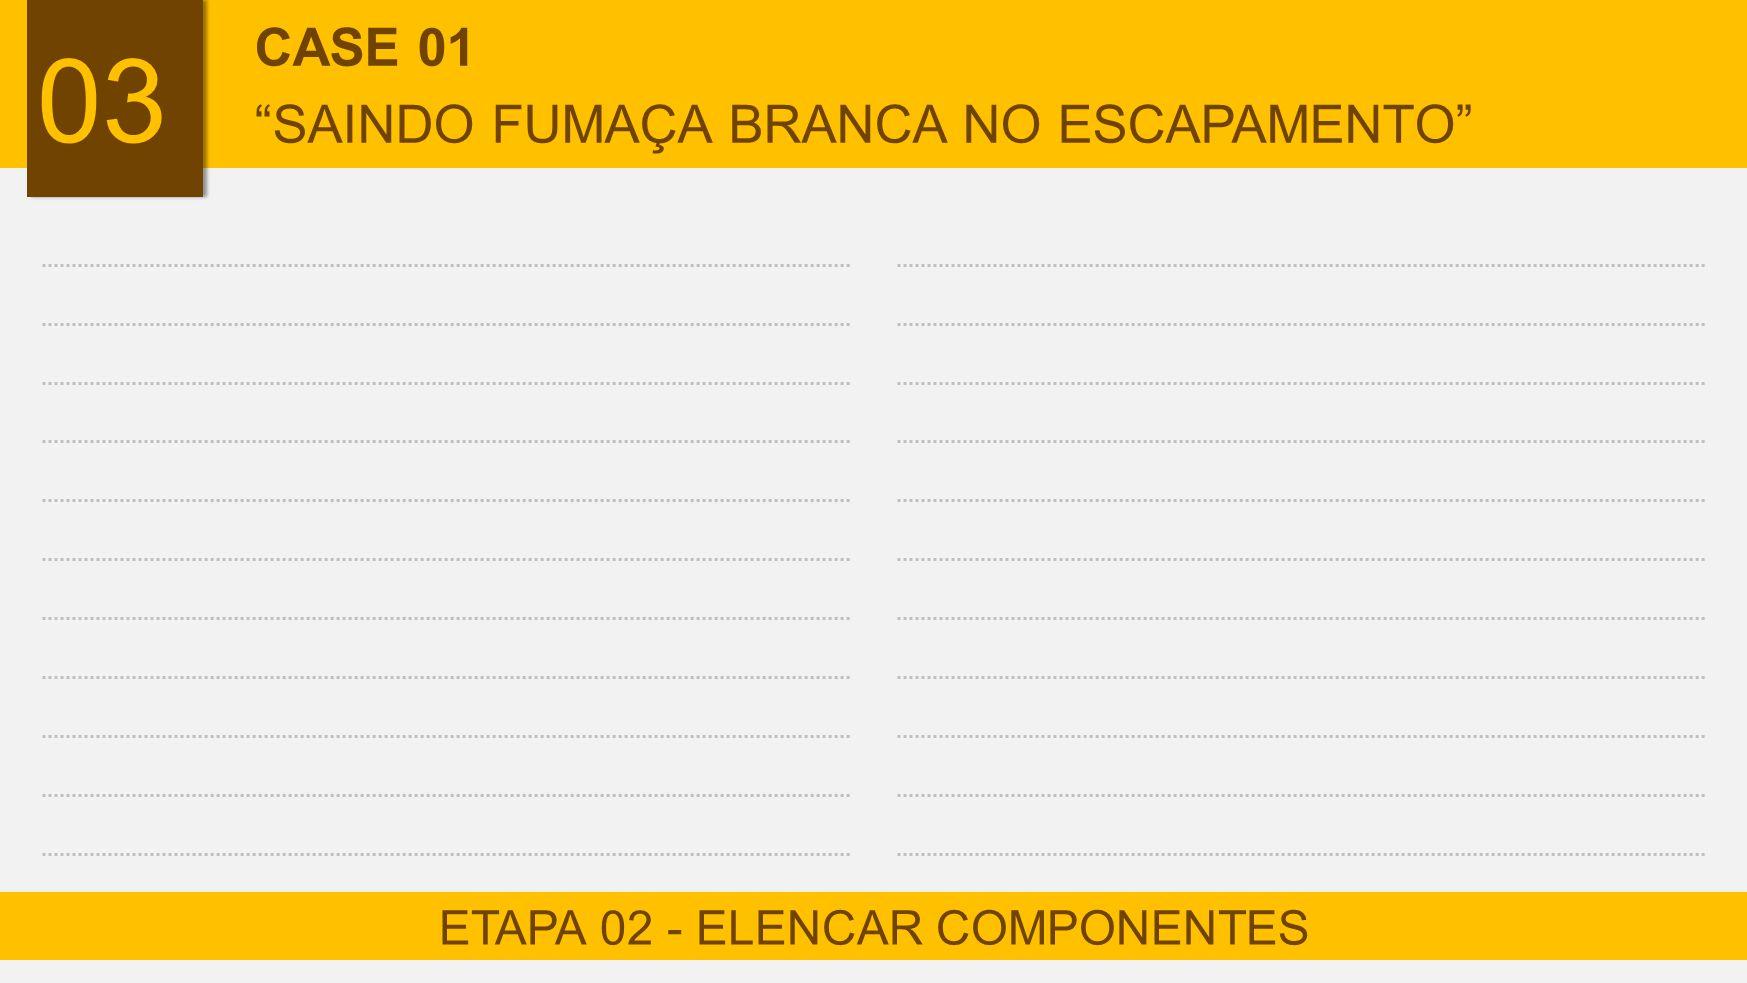 ETAPA 02 - ELENCAR COMPONENTES